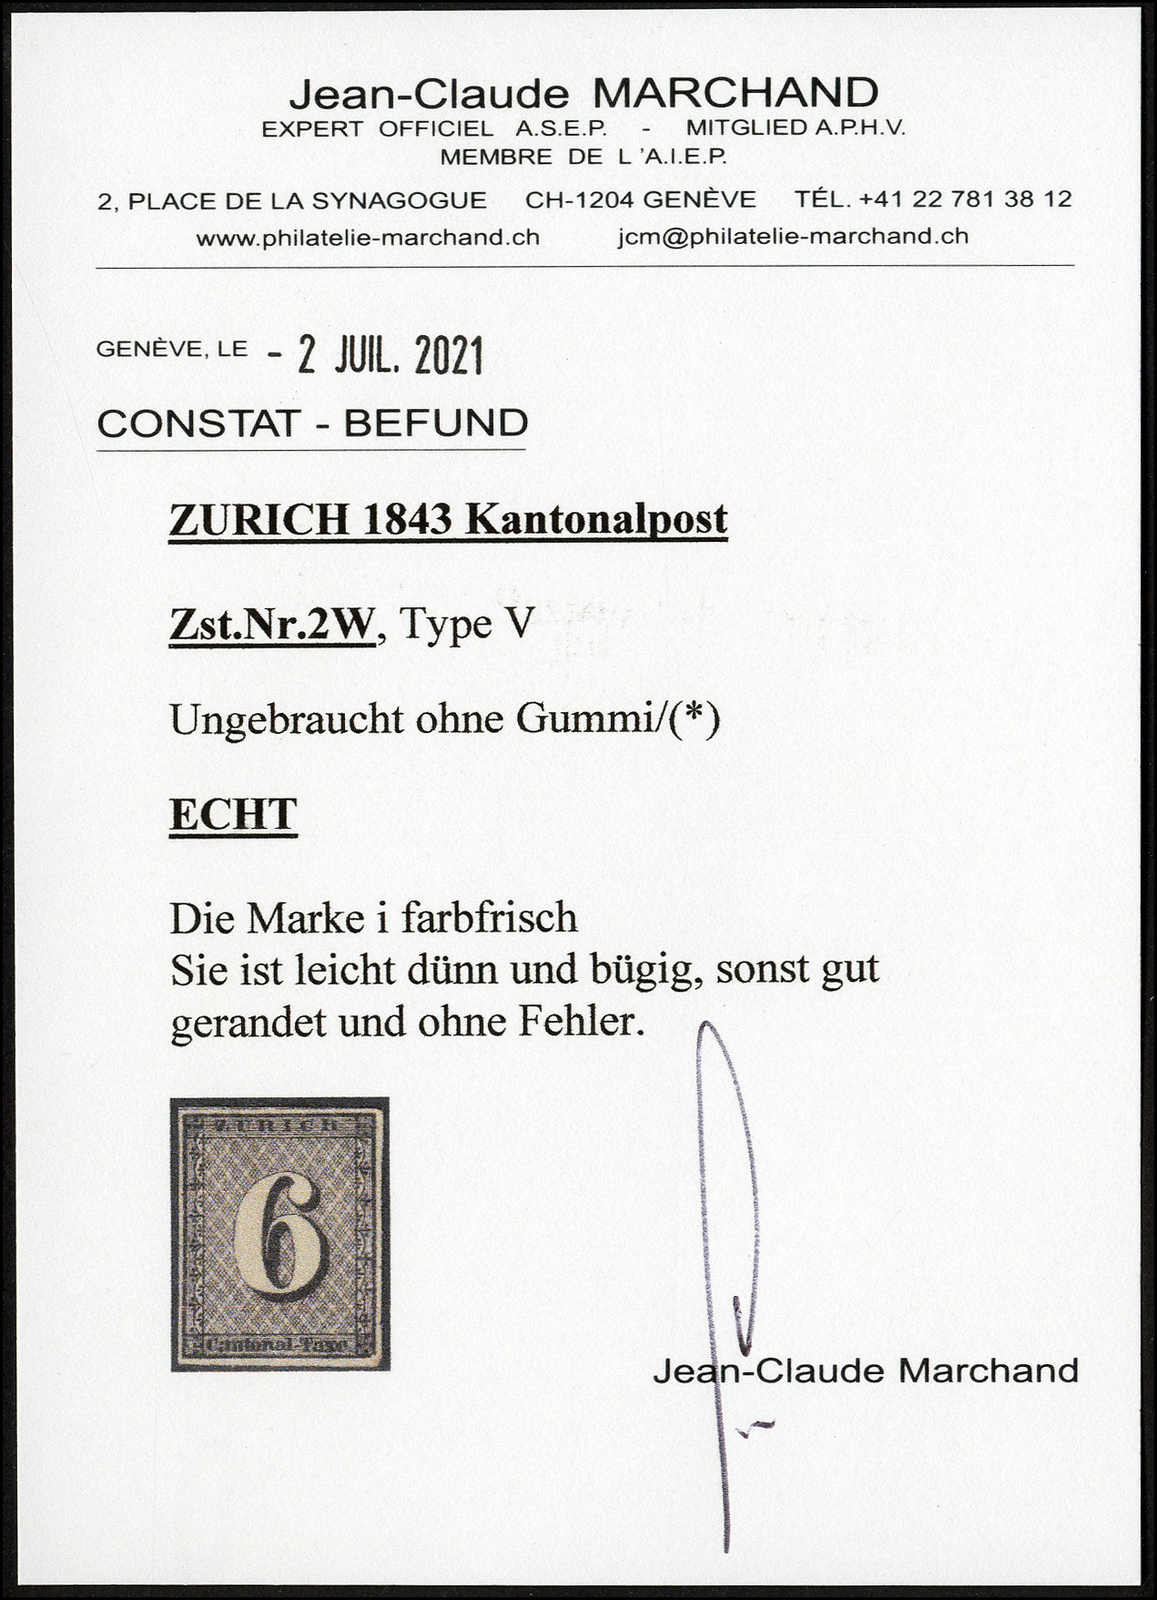 Lot 998 - schweiz schweiz kantone zürich -  Rolli Auctions Auction #68 Day 2